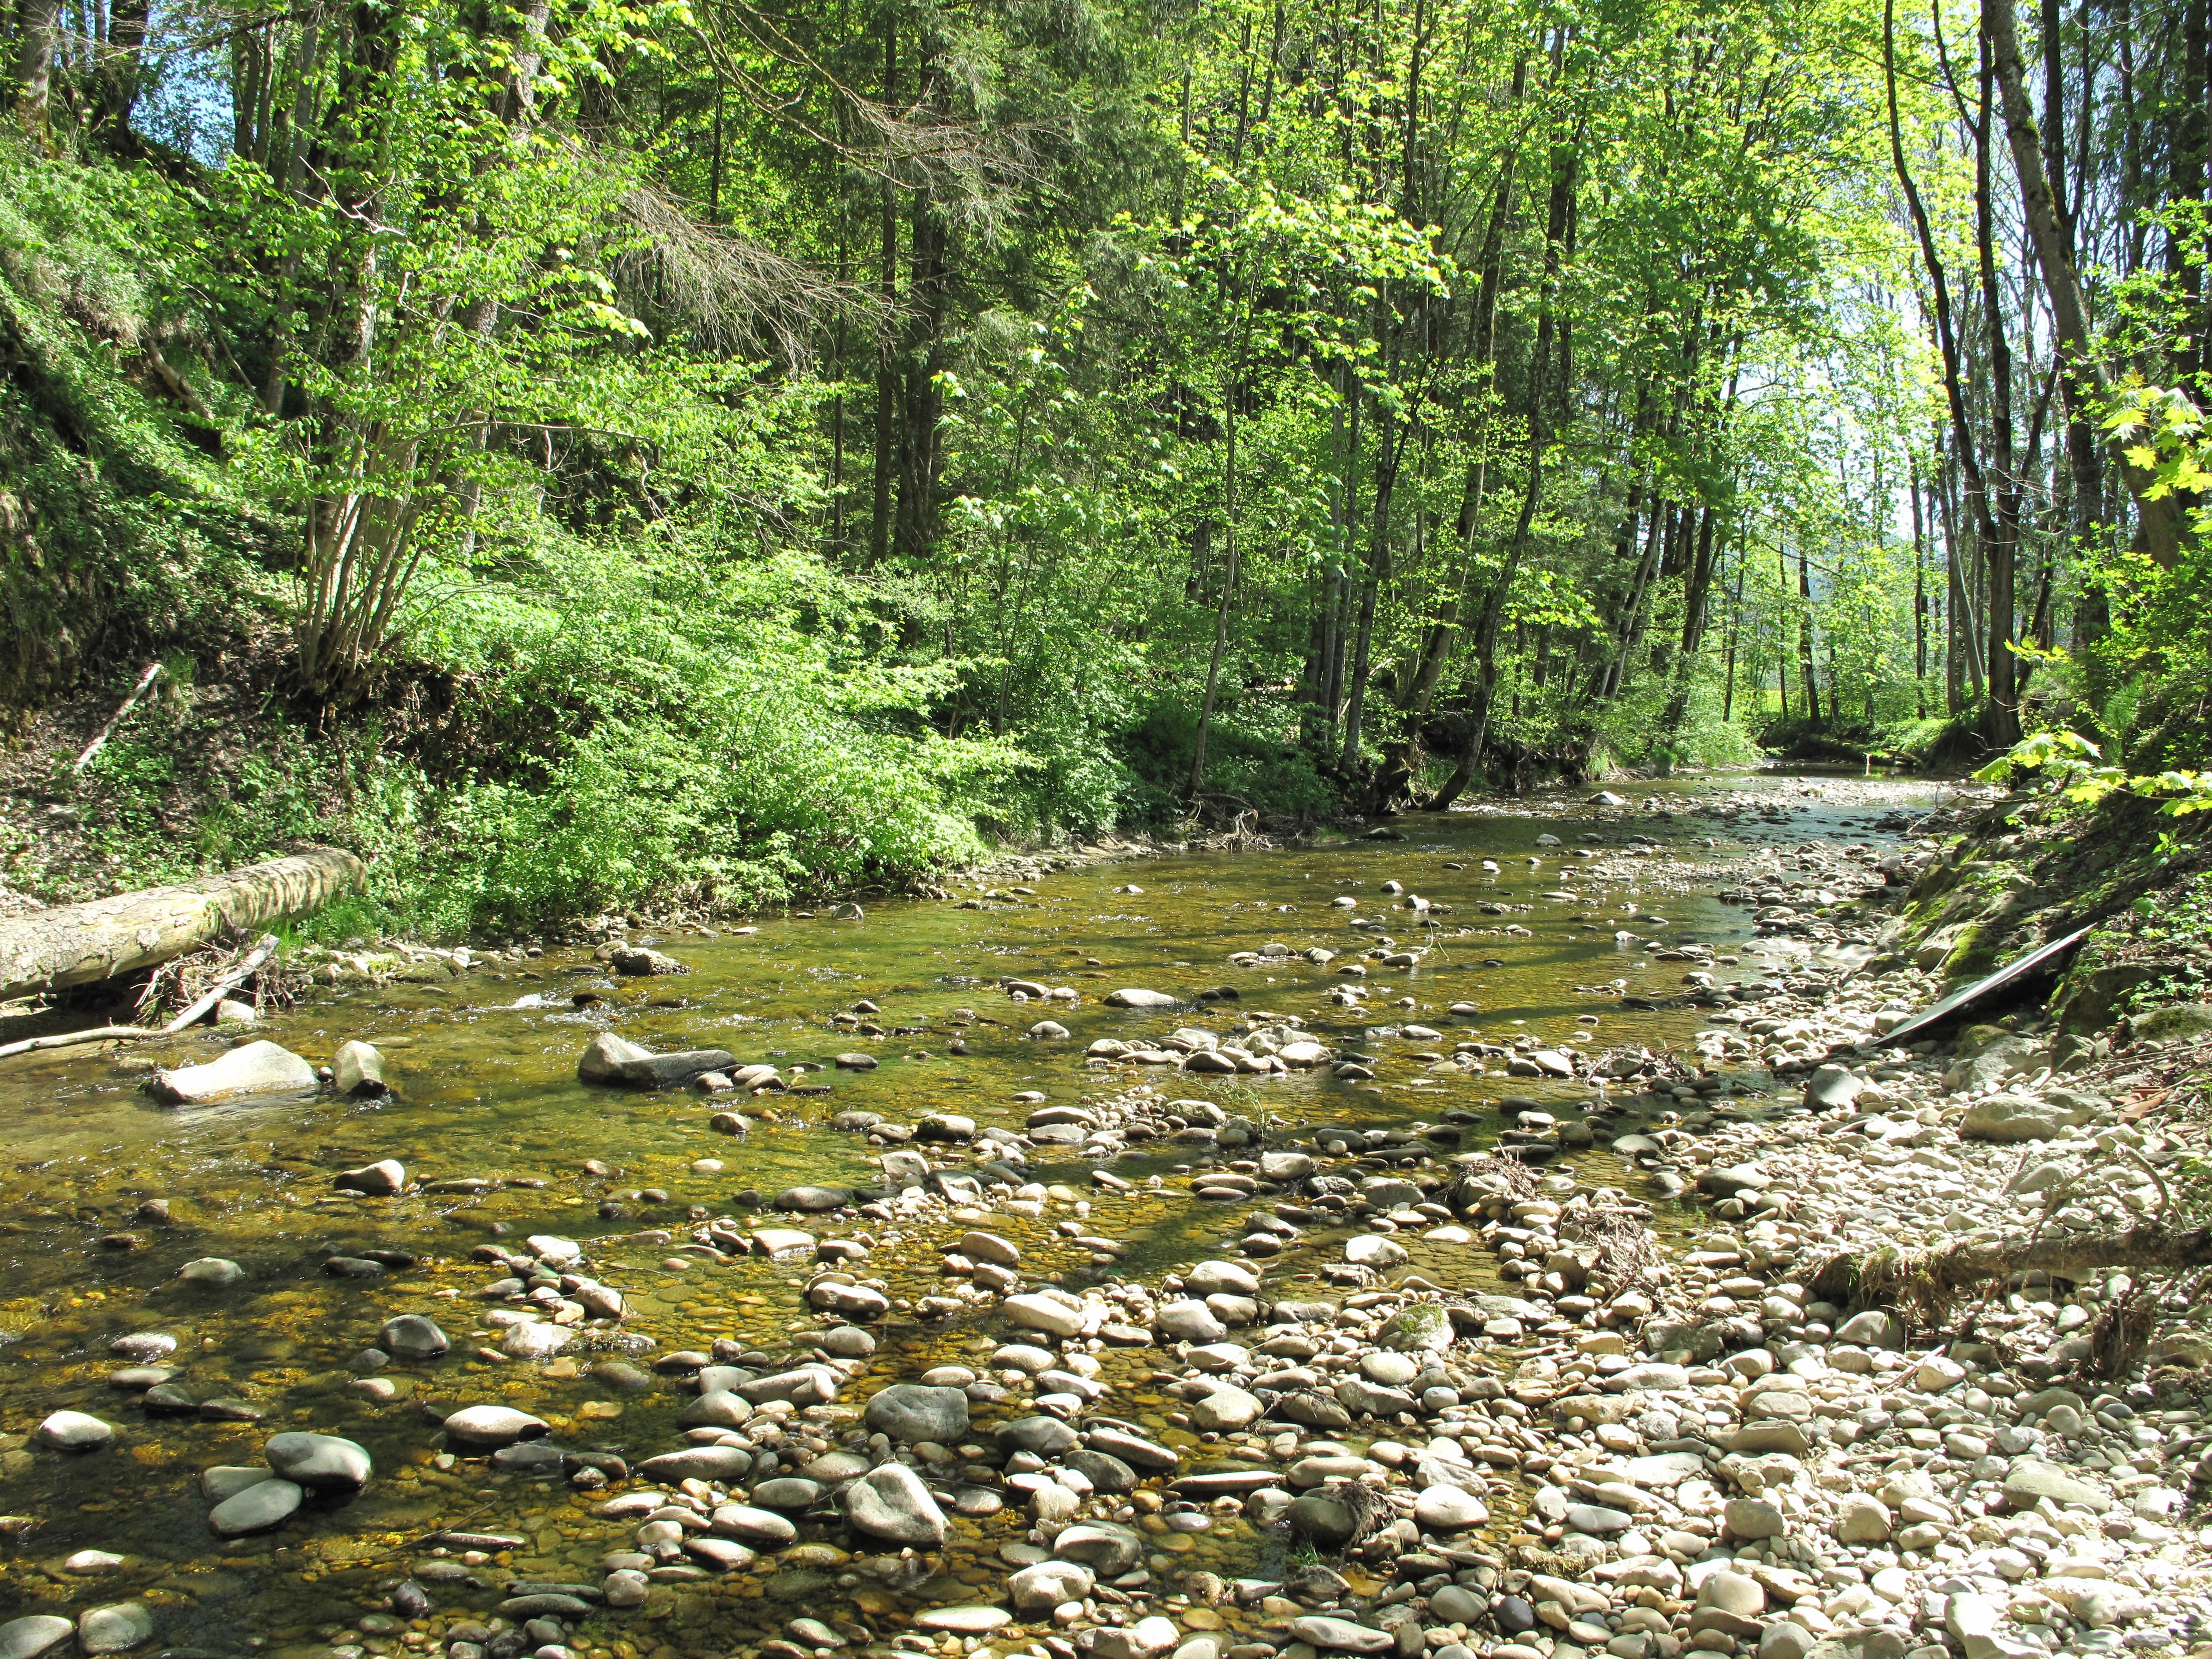 Breiter sehr flacher Fluss, dessen Grund mit vielen kleinen Steinen versehen ist.